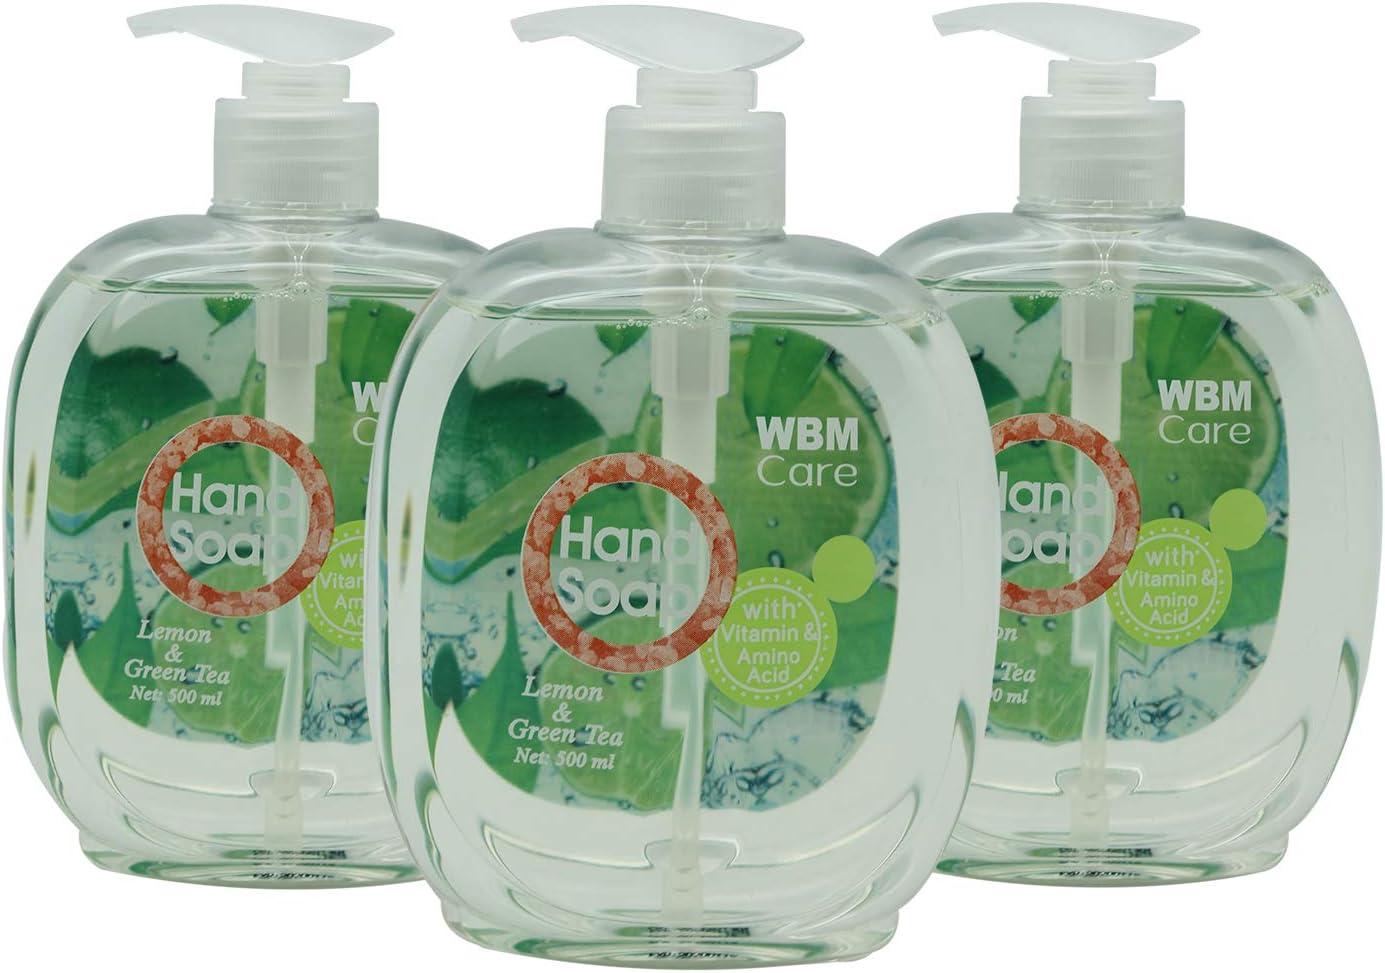 WBM LLC 8651-3PK, Lemon Green Hand Soap, 500 ml, 17.5 fl oz, Lemon & Green Tea (3-Pack), 52 Ounce